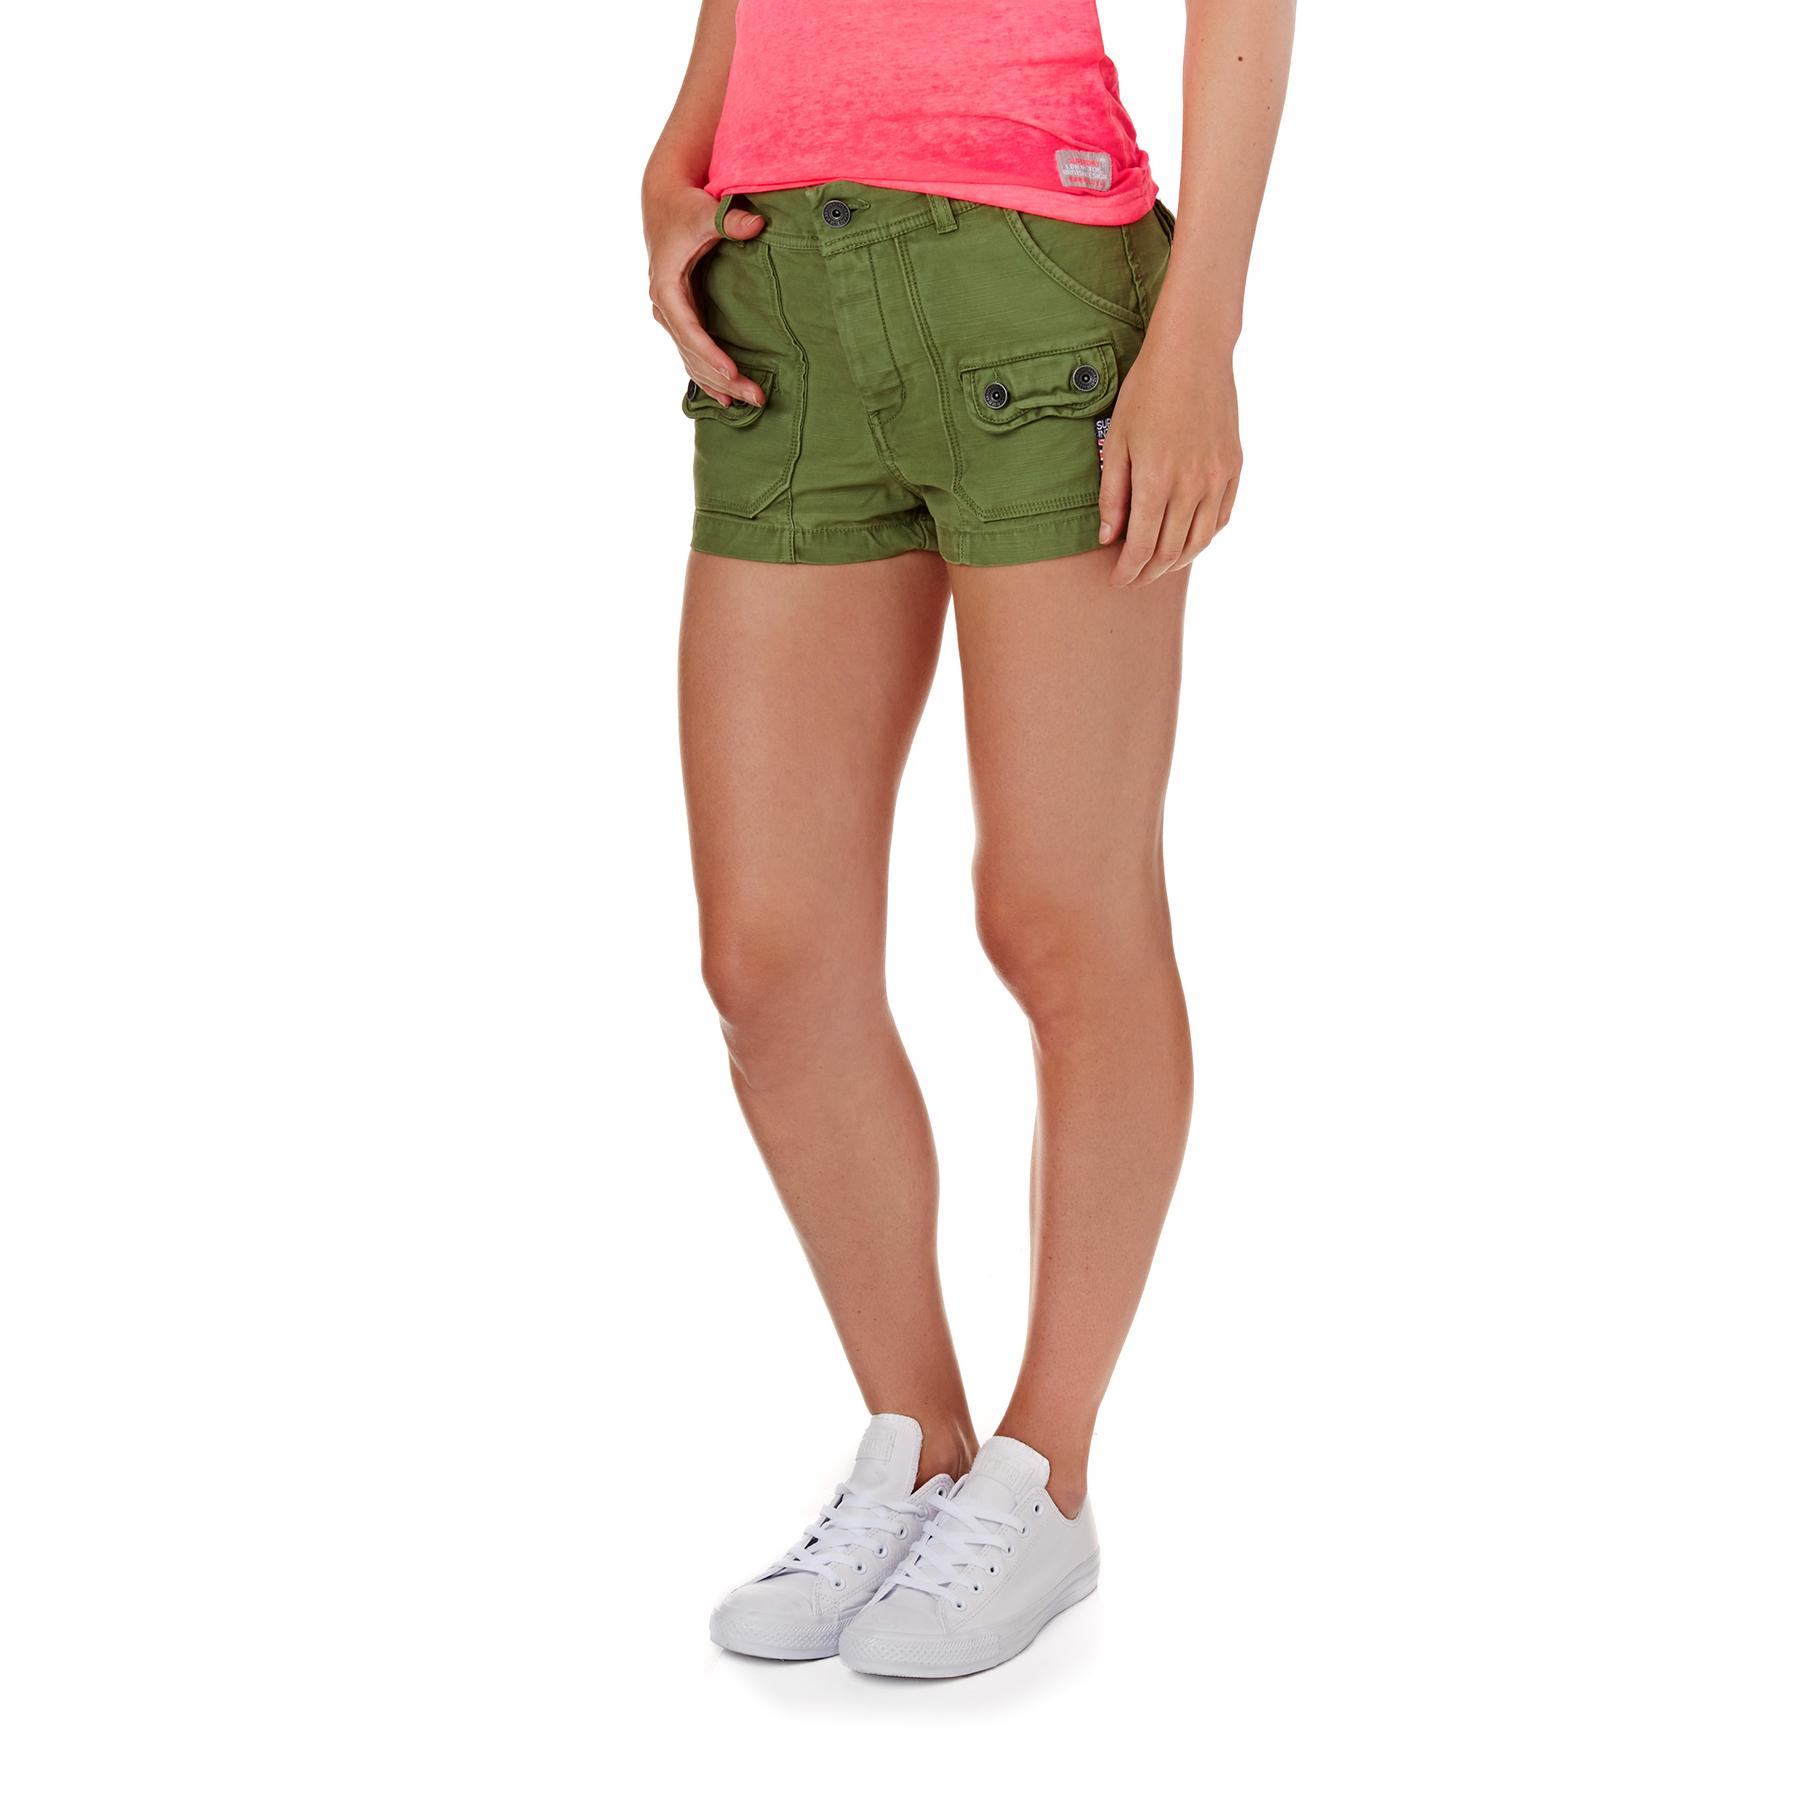 Superdry Utility Hot Damen Shorts | Kostenlose Lieferung